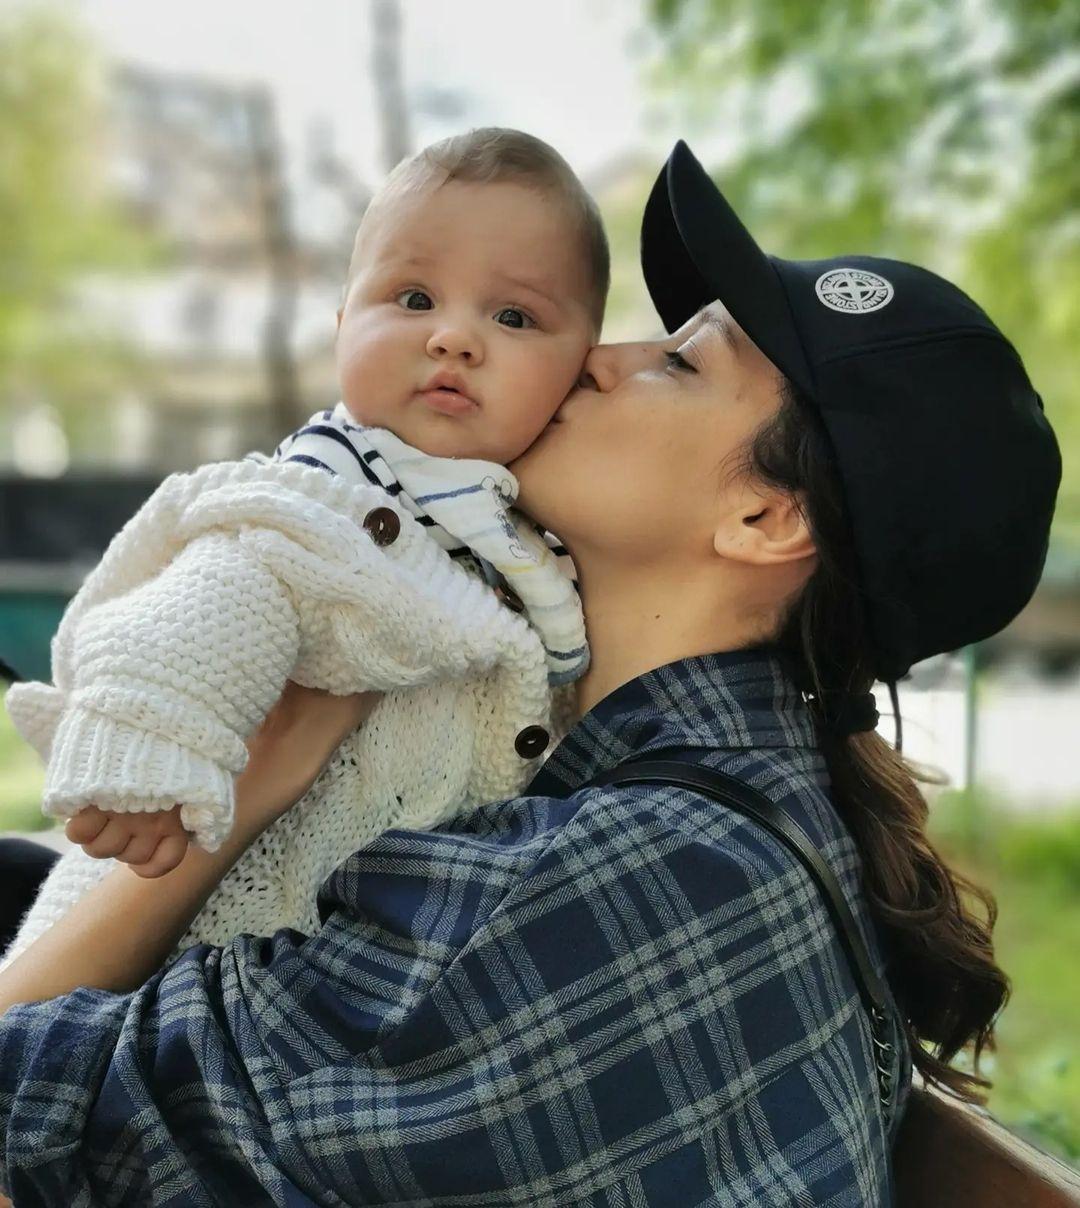 Равшана Куркова впервые показала сына, о рождении которого никто не знал - фото №3